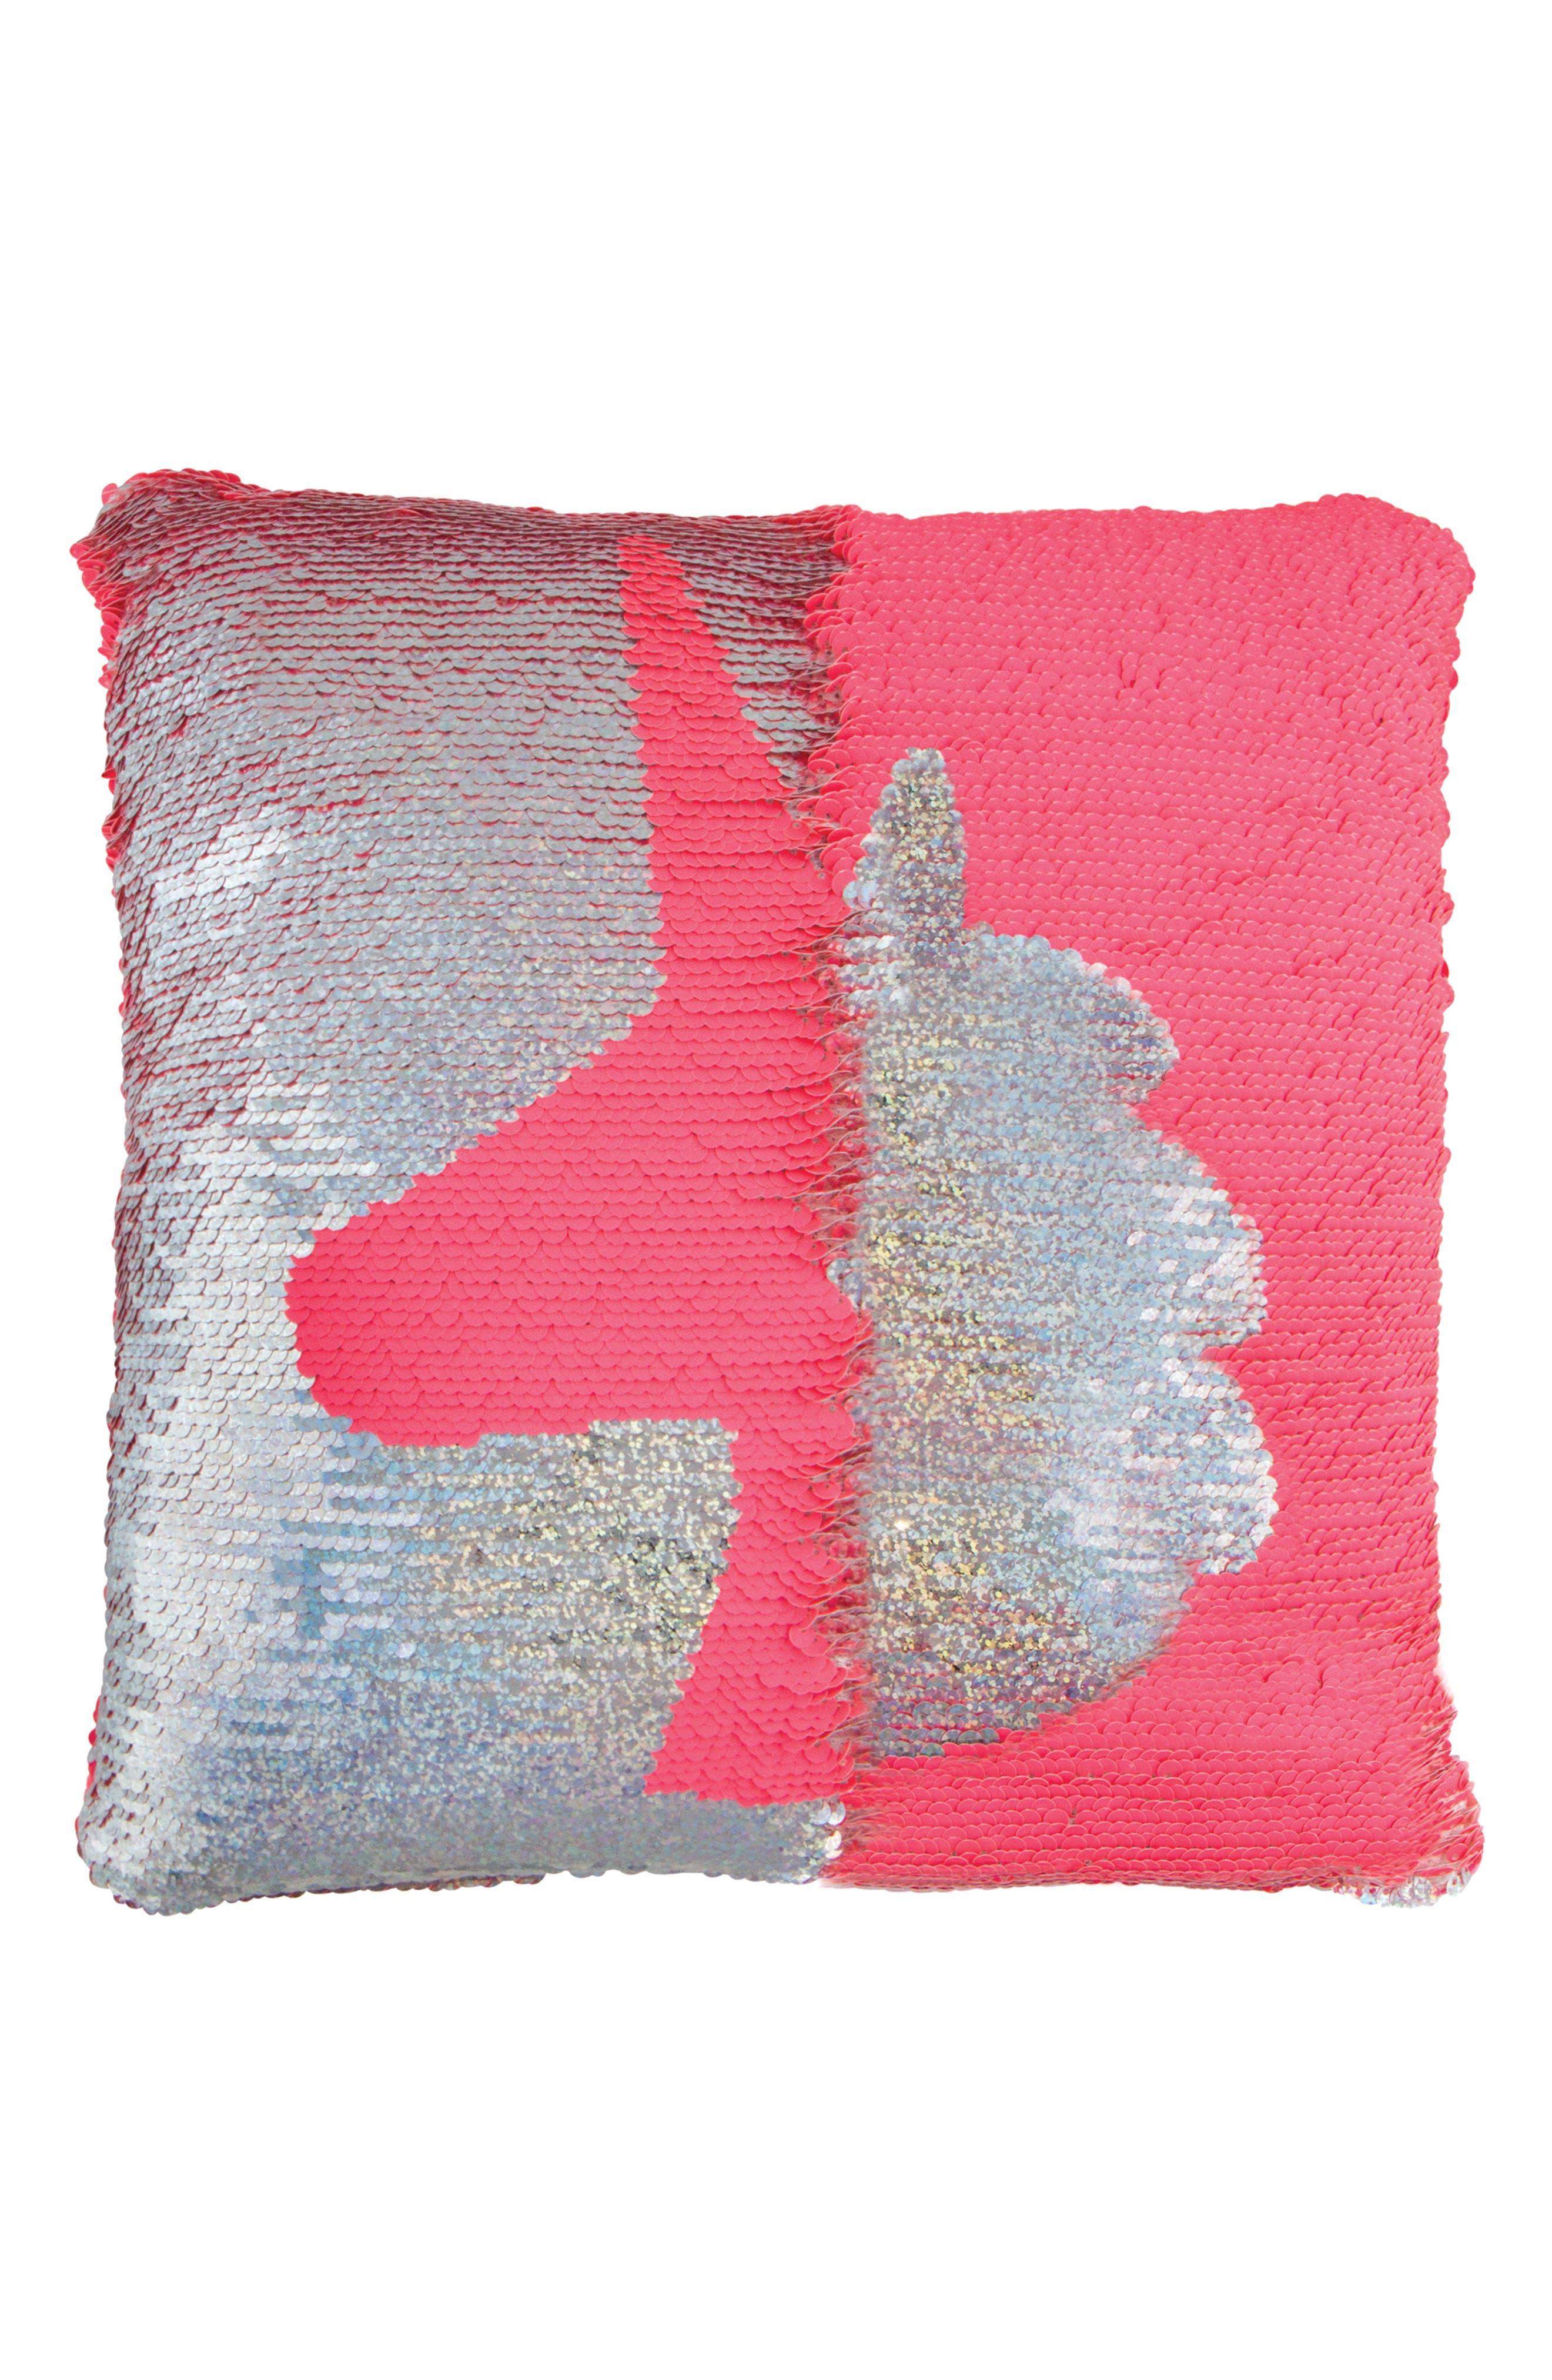 Magic Flip Sequin Unicorn Accent Pillow,                             Alternate thumbnail 2, color,                             650